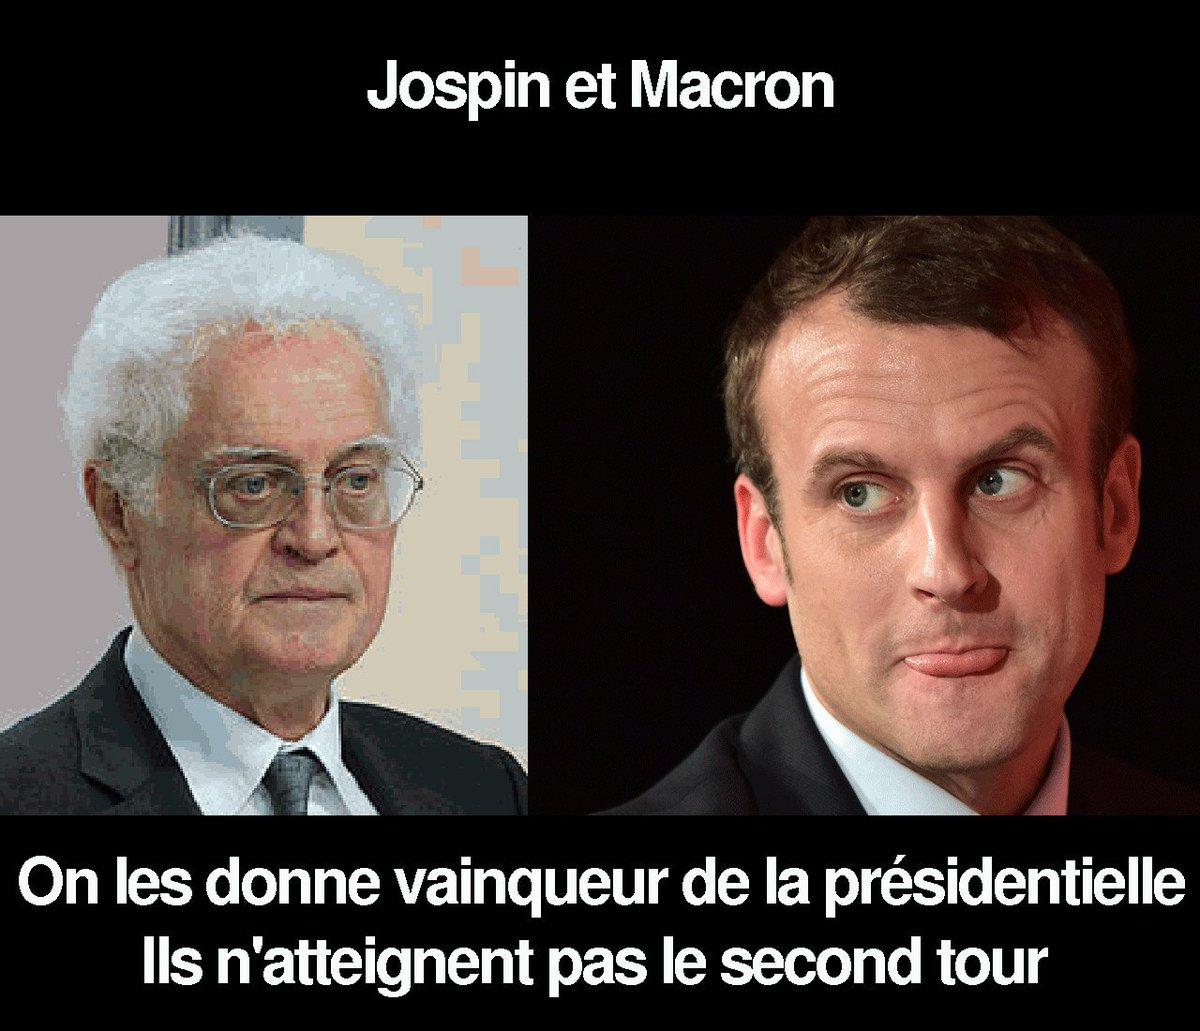 #Macron me rappelle vraiment #Jospin!  Les médias le donne gagnant de la #Presidentielle2017 … Alors qu&#39;il n&#39;ira pas au second tour. <br>http://pic.twitter.com/upaTw6PBtG